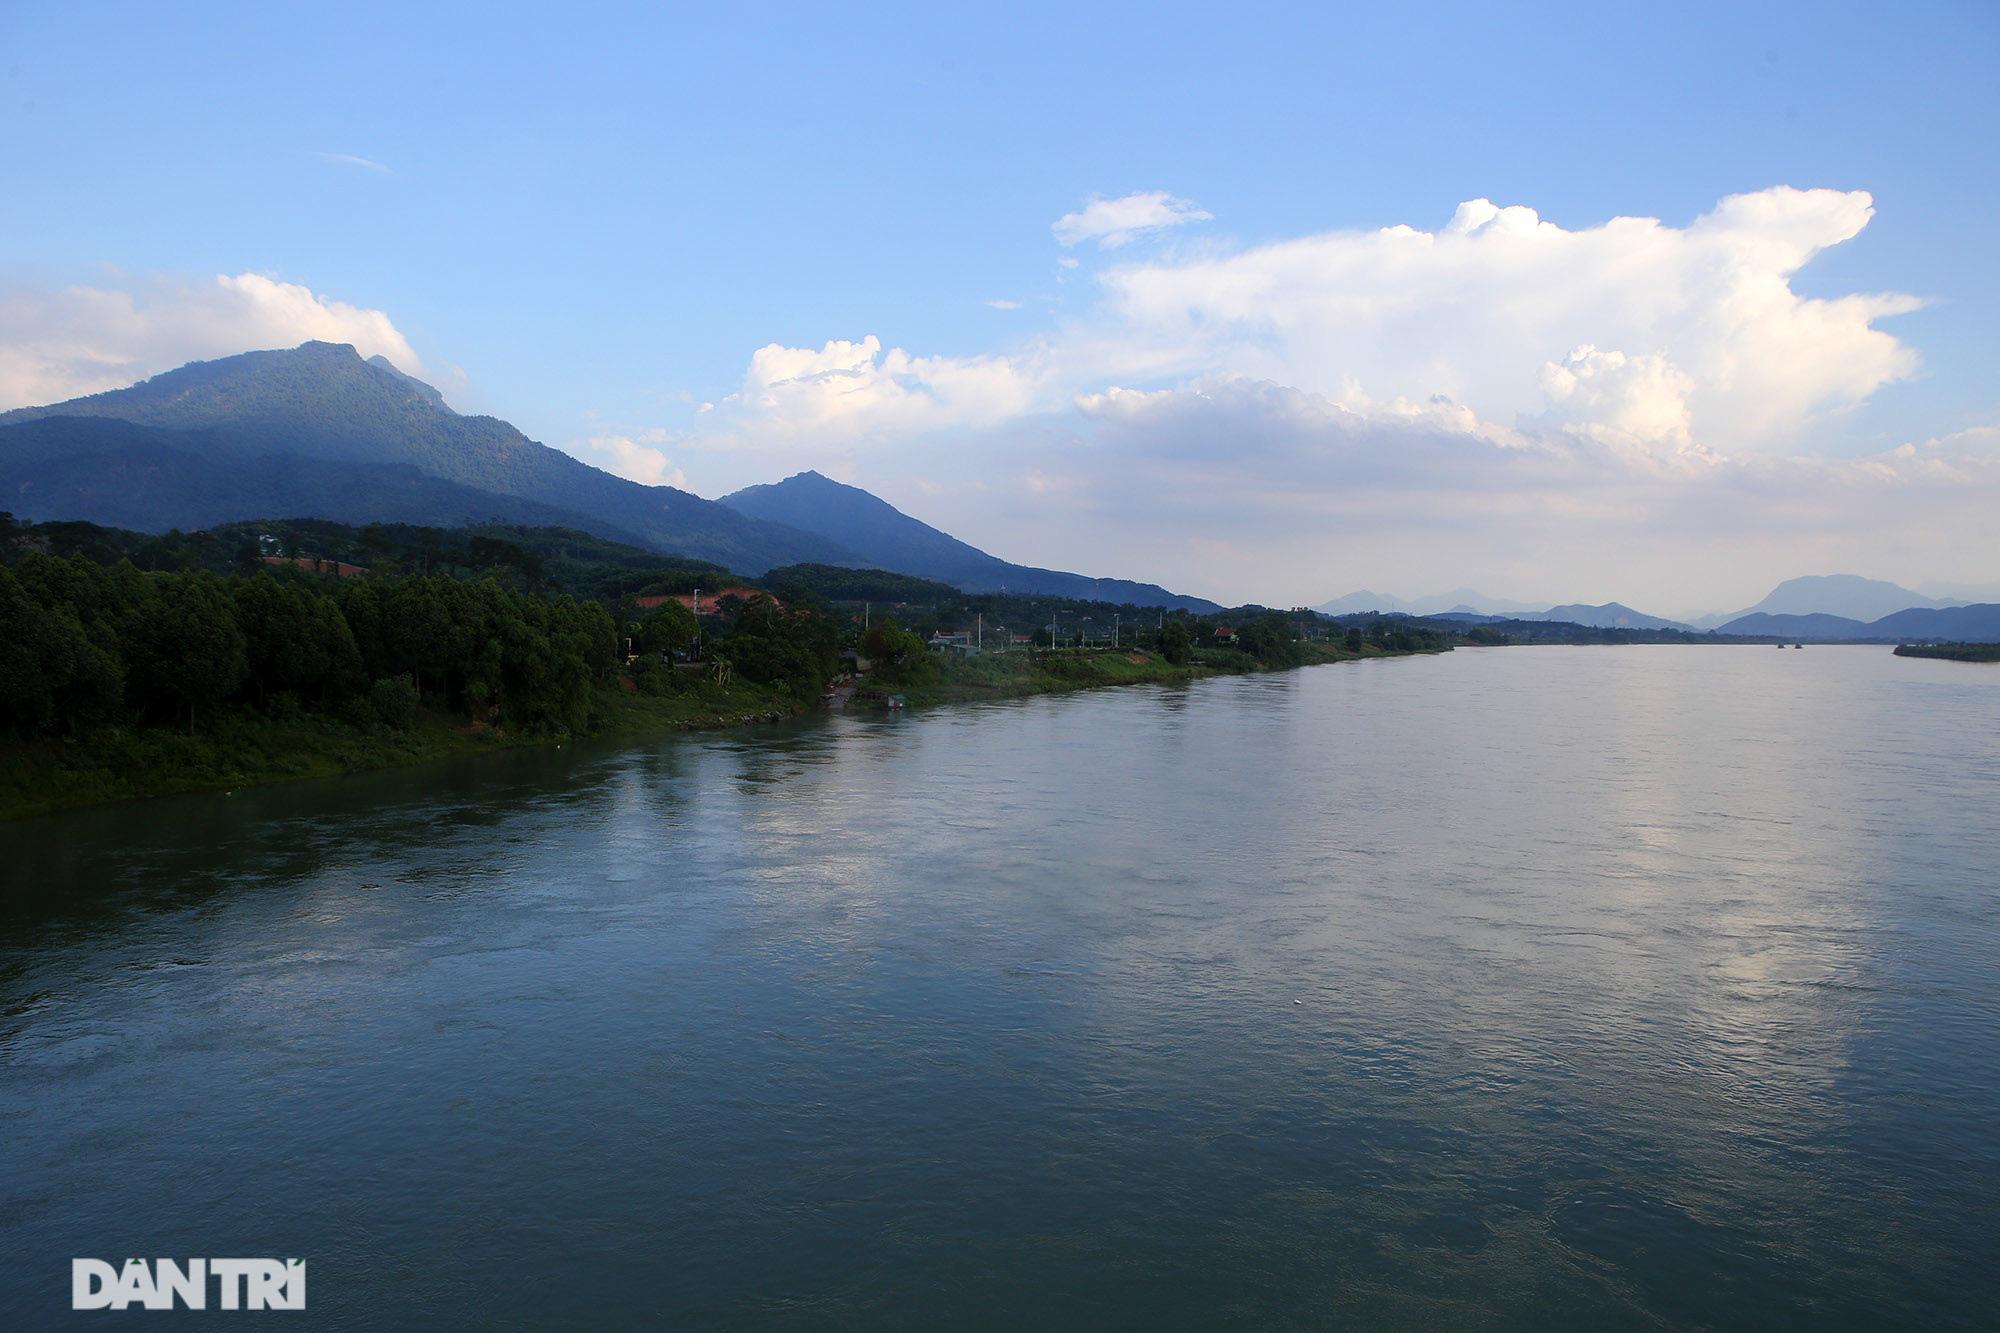 Núi thiêng gần Hà Nội đẹp mê mải nhìn từ muôn phương tám hướng - Ảnh 9.